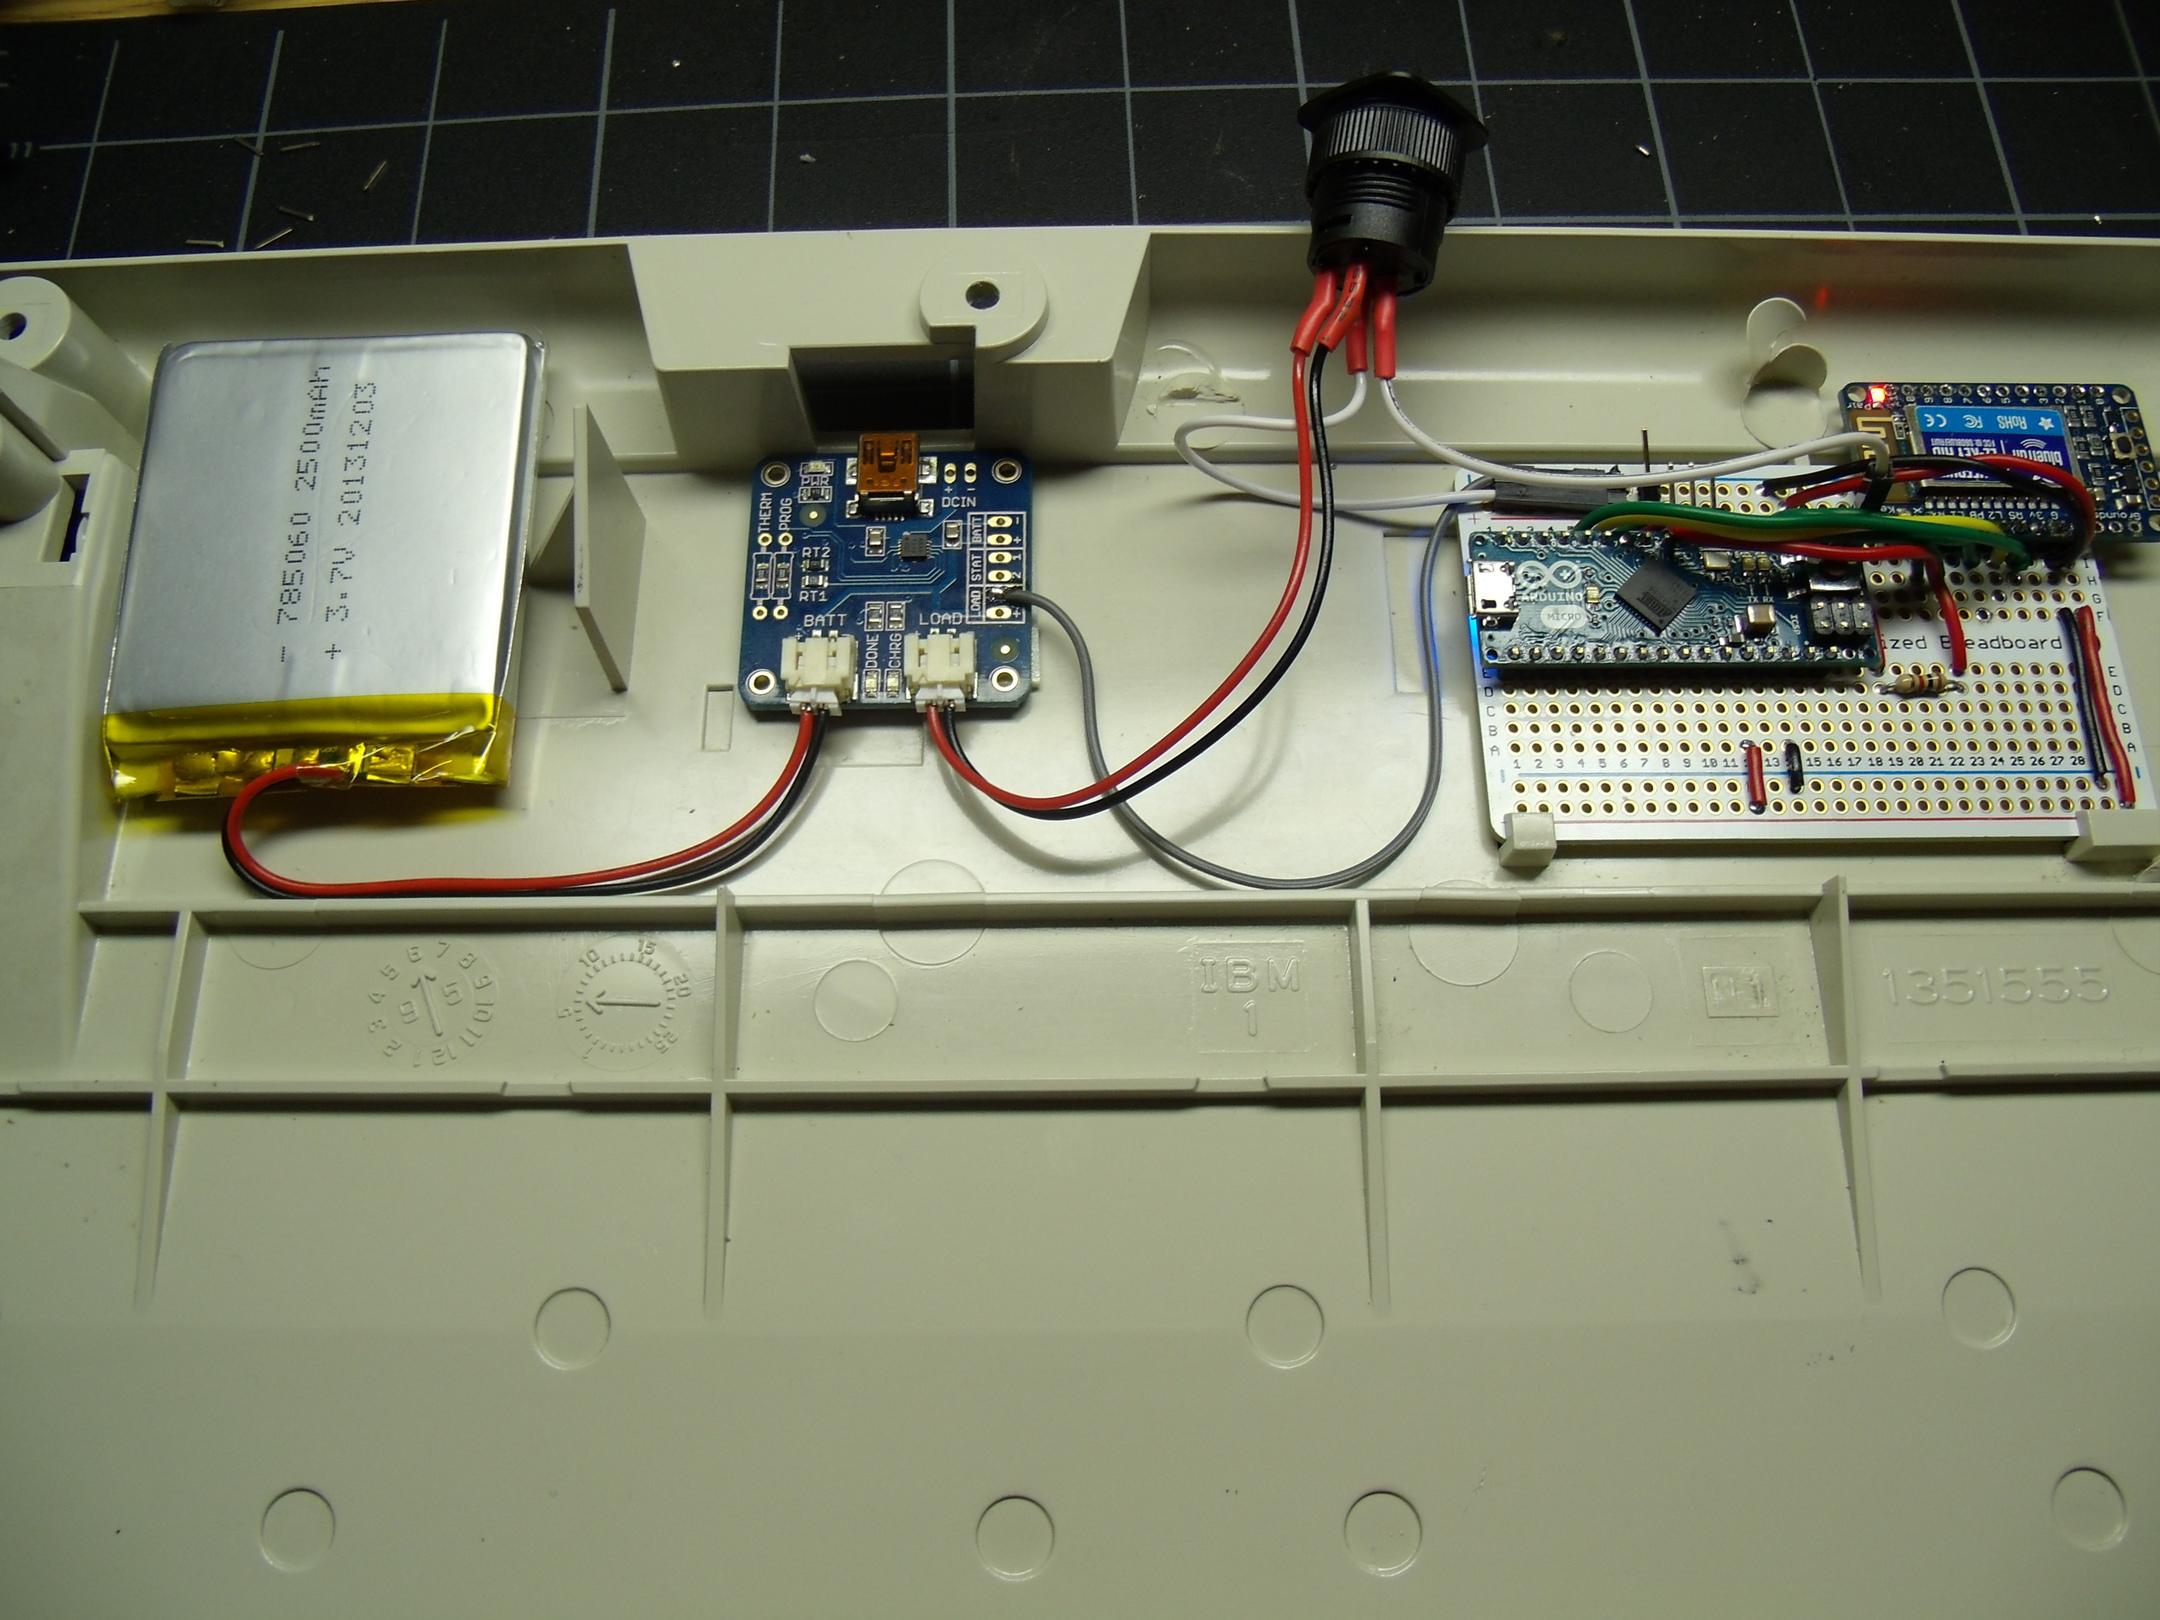 hacks_027_circuit_in_place.jpg